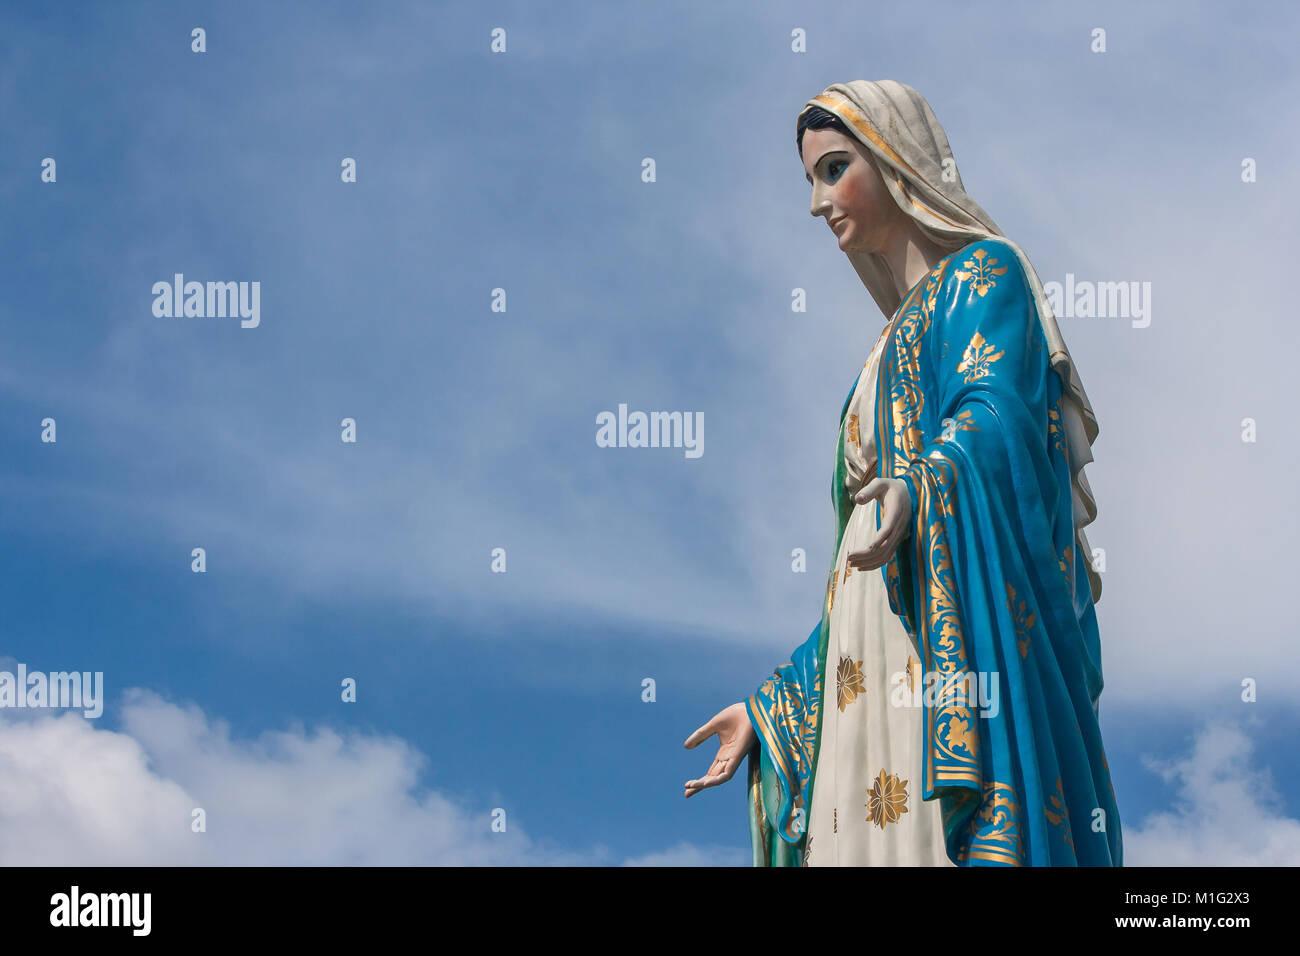 La Bienheureuse Vierge Marie Statue Debout En Face De La Cathédrale